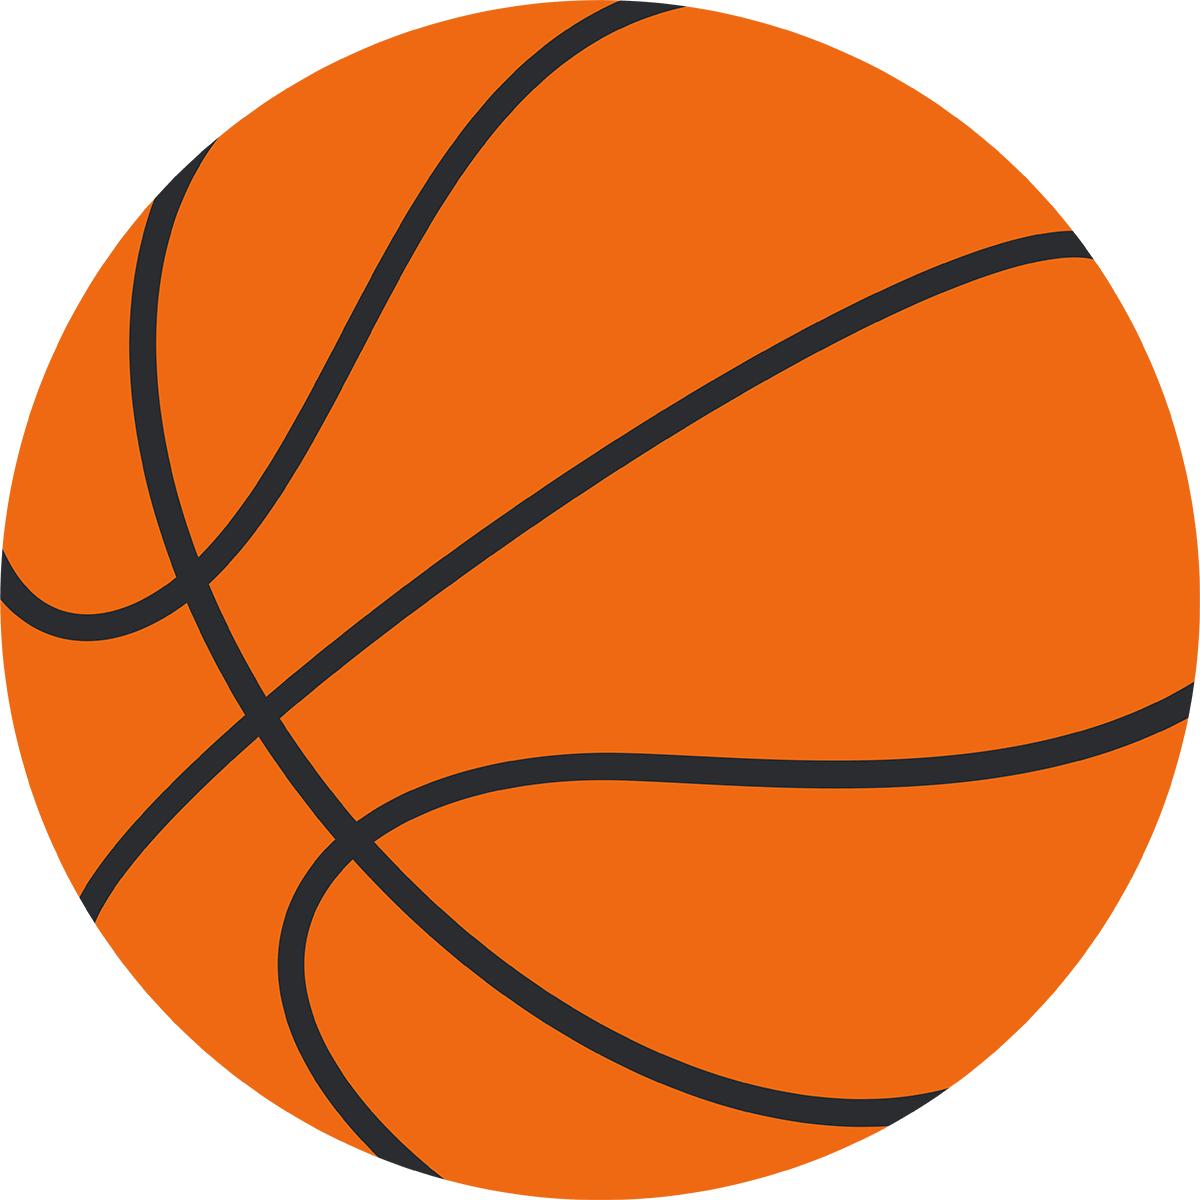 バスケットボールの無料イラスト